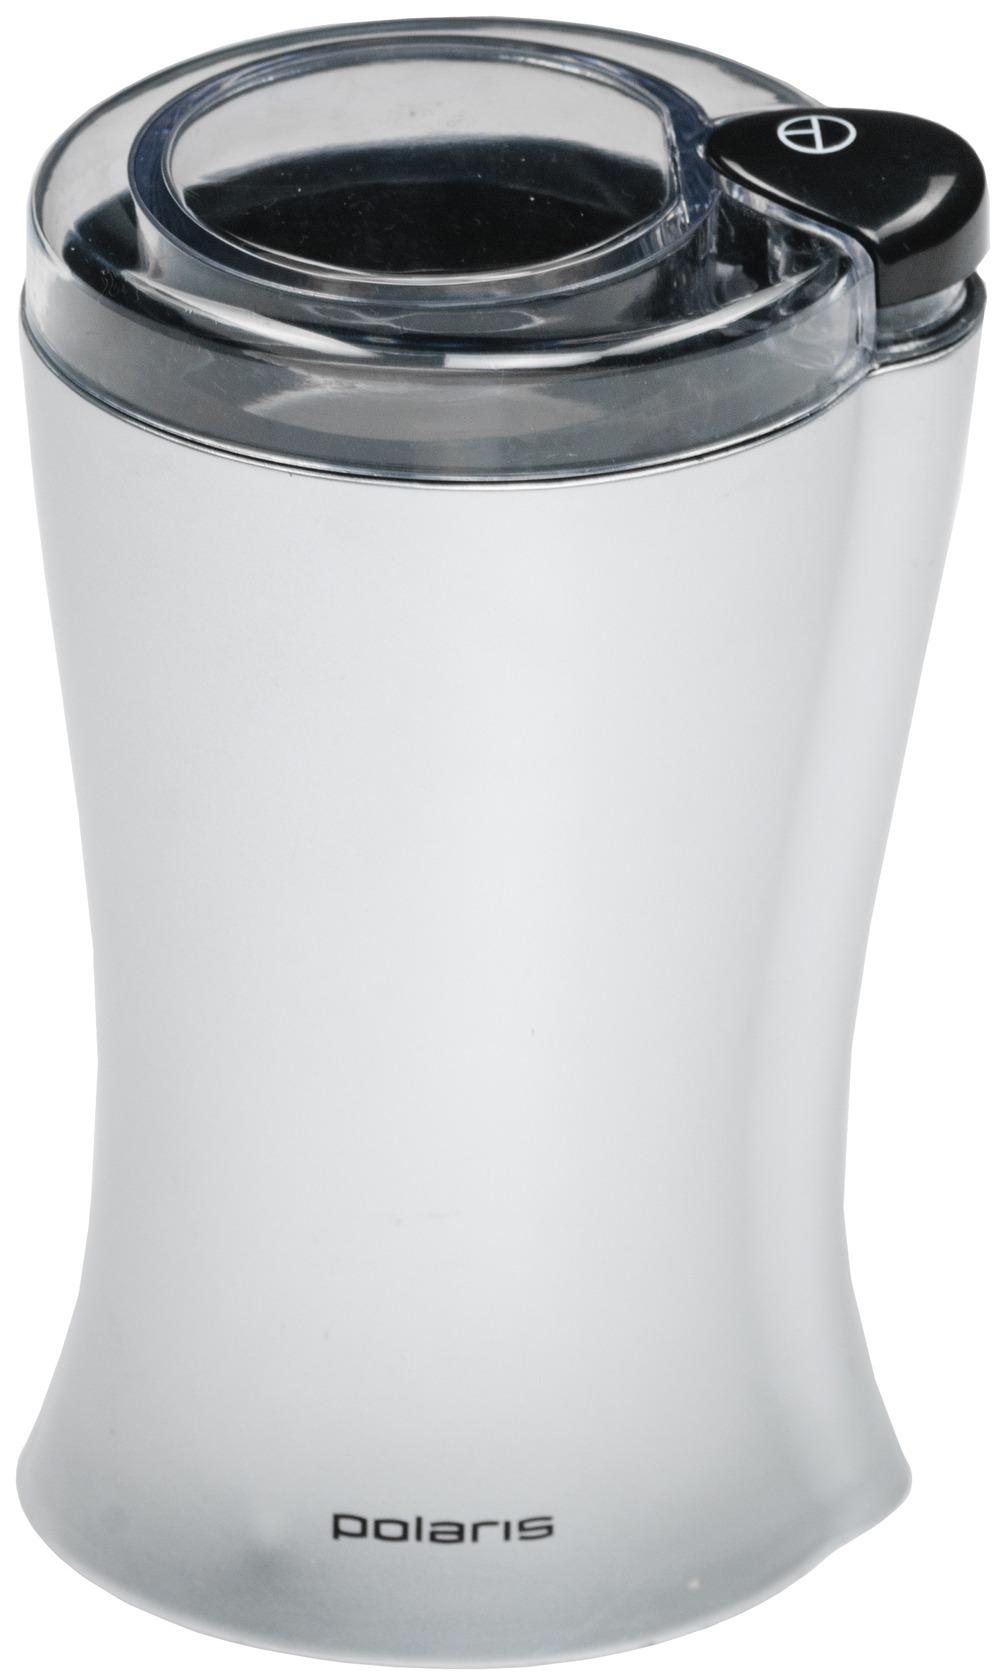 Кофемолка Polaris PCG 0615 - фото 1